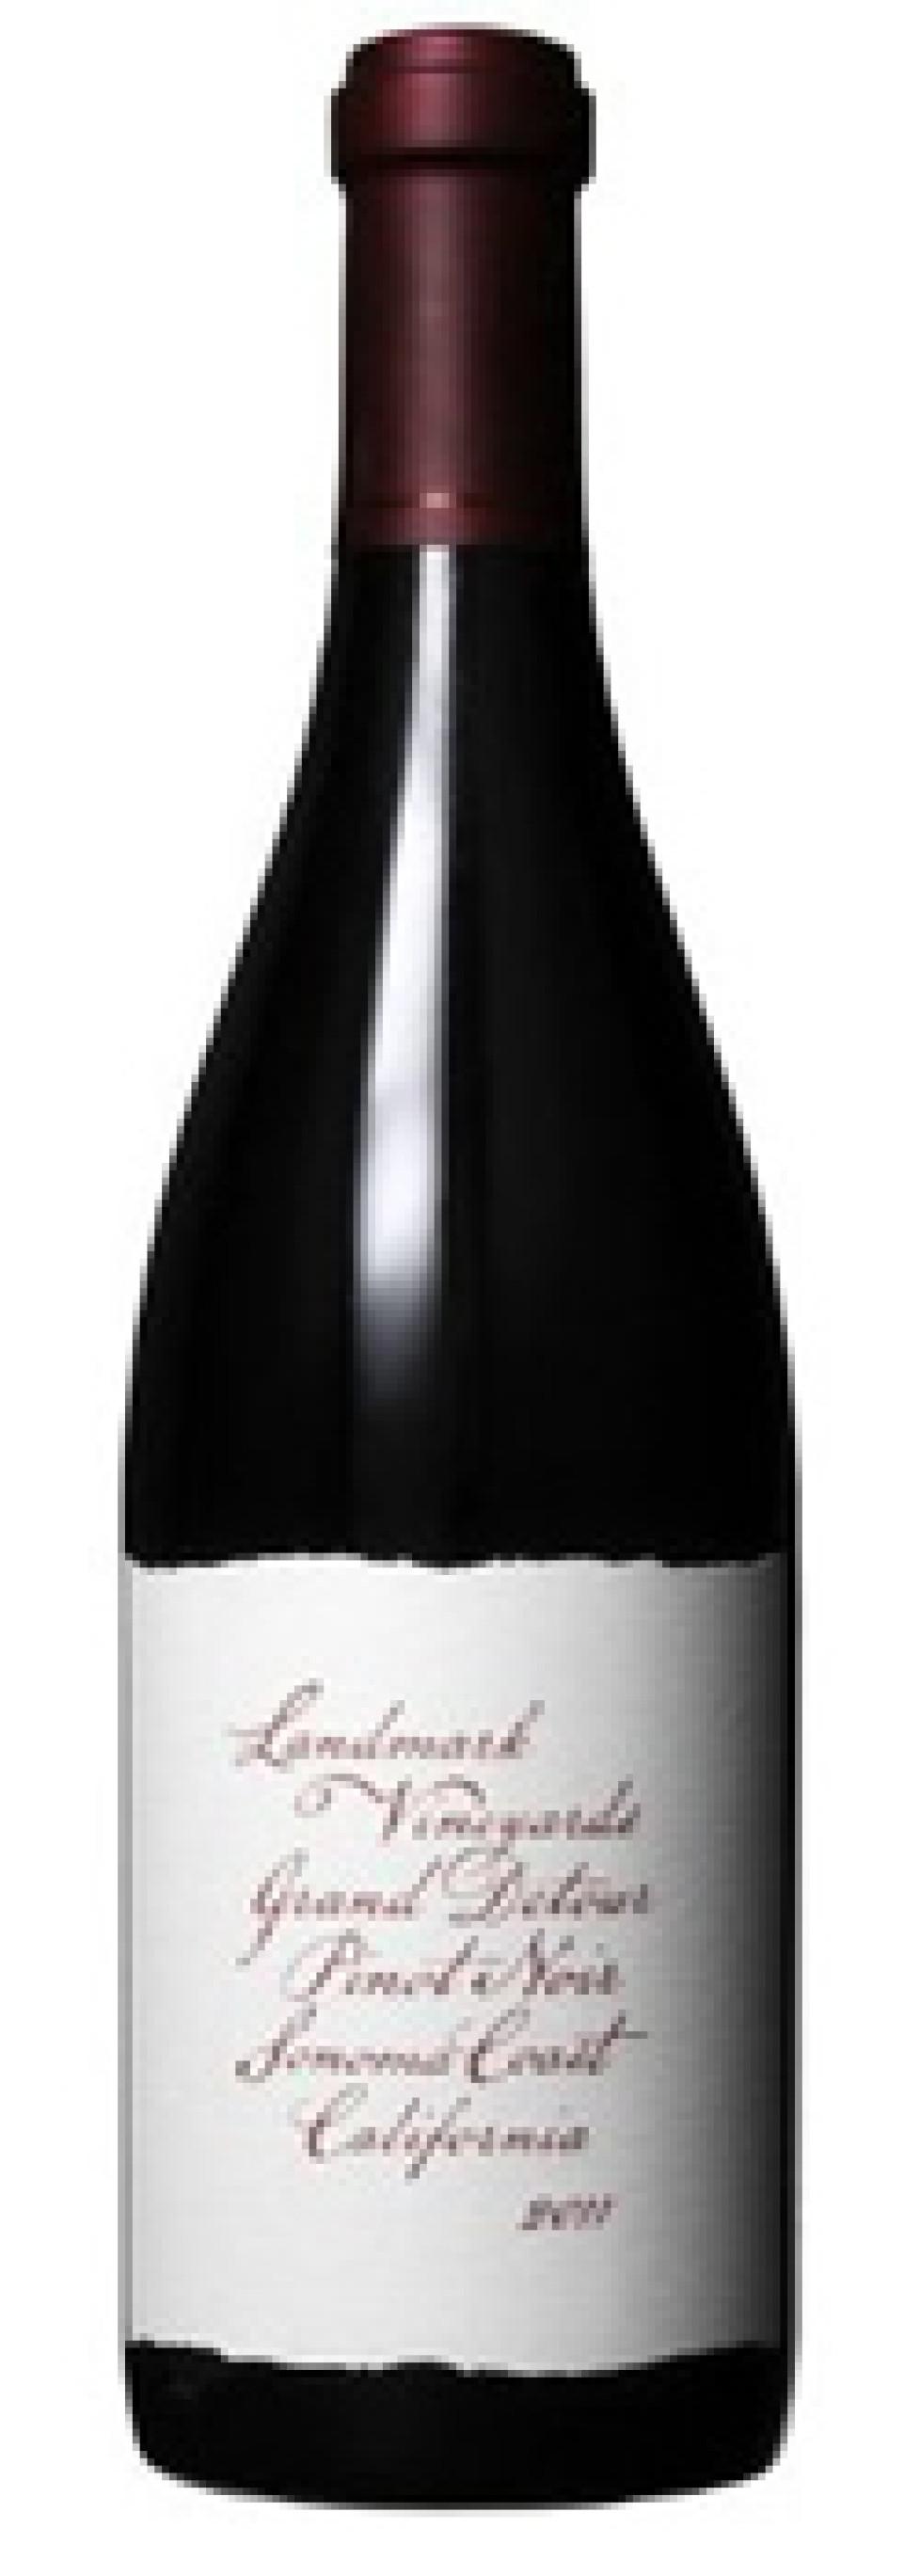 landmark-vineyards-grand-detour-pinot-noir-2011